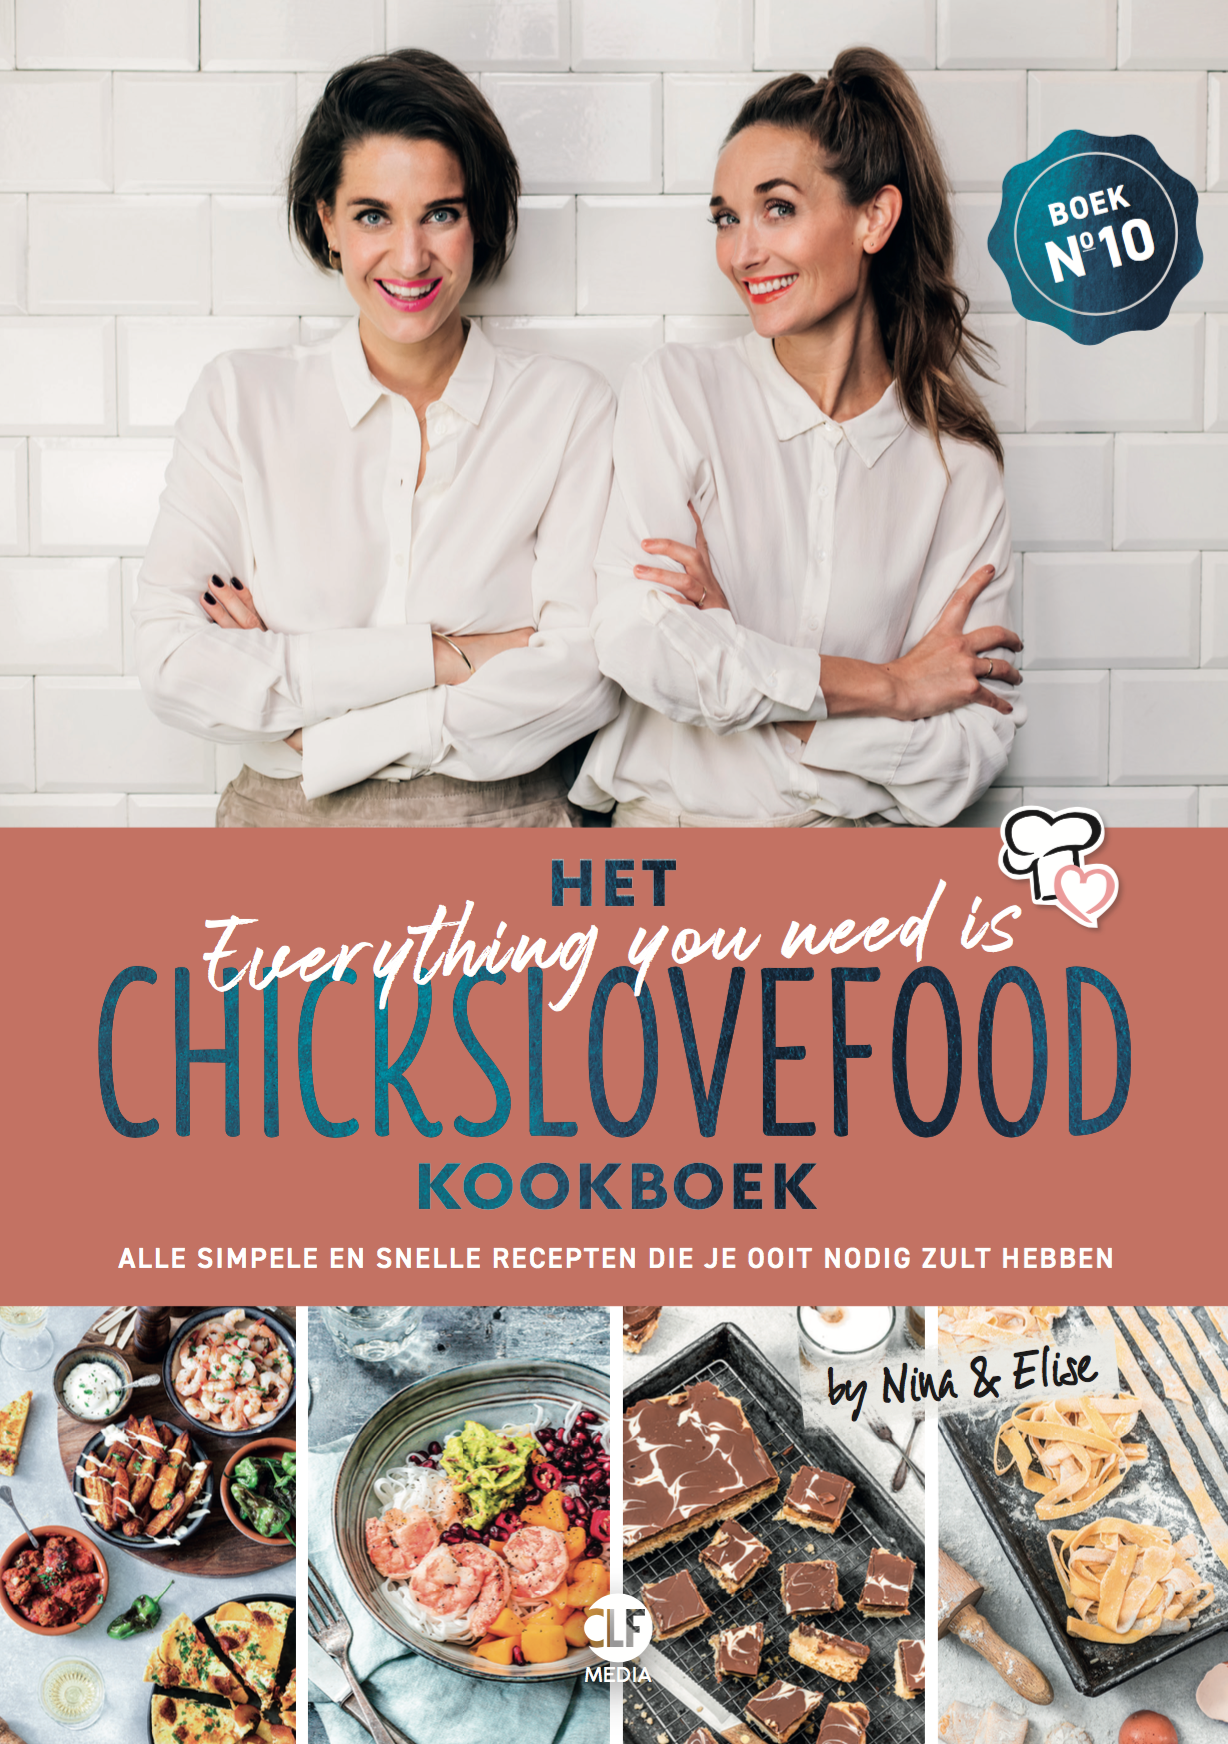 Het AYNI Chickslovefood kookboek